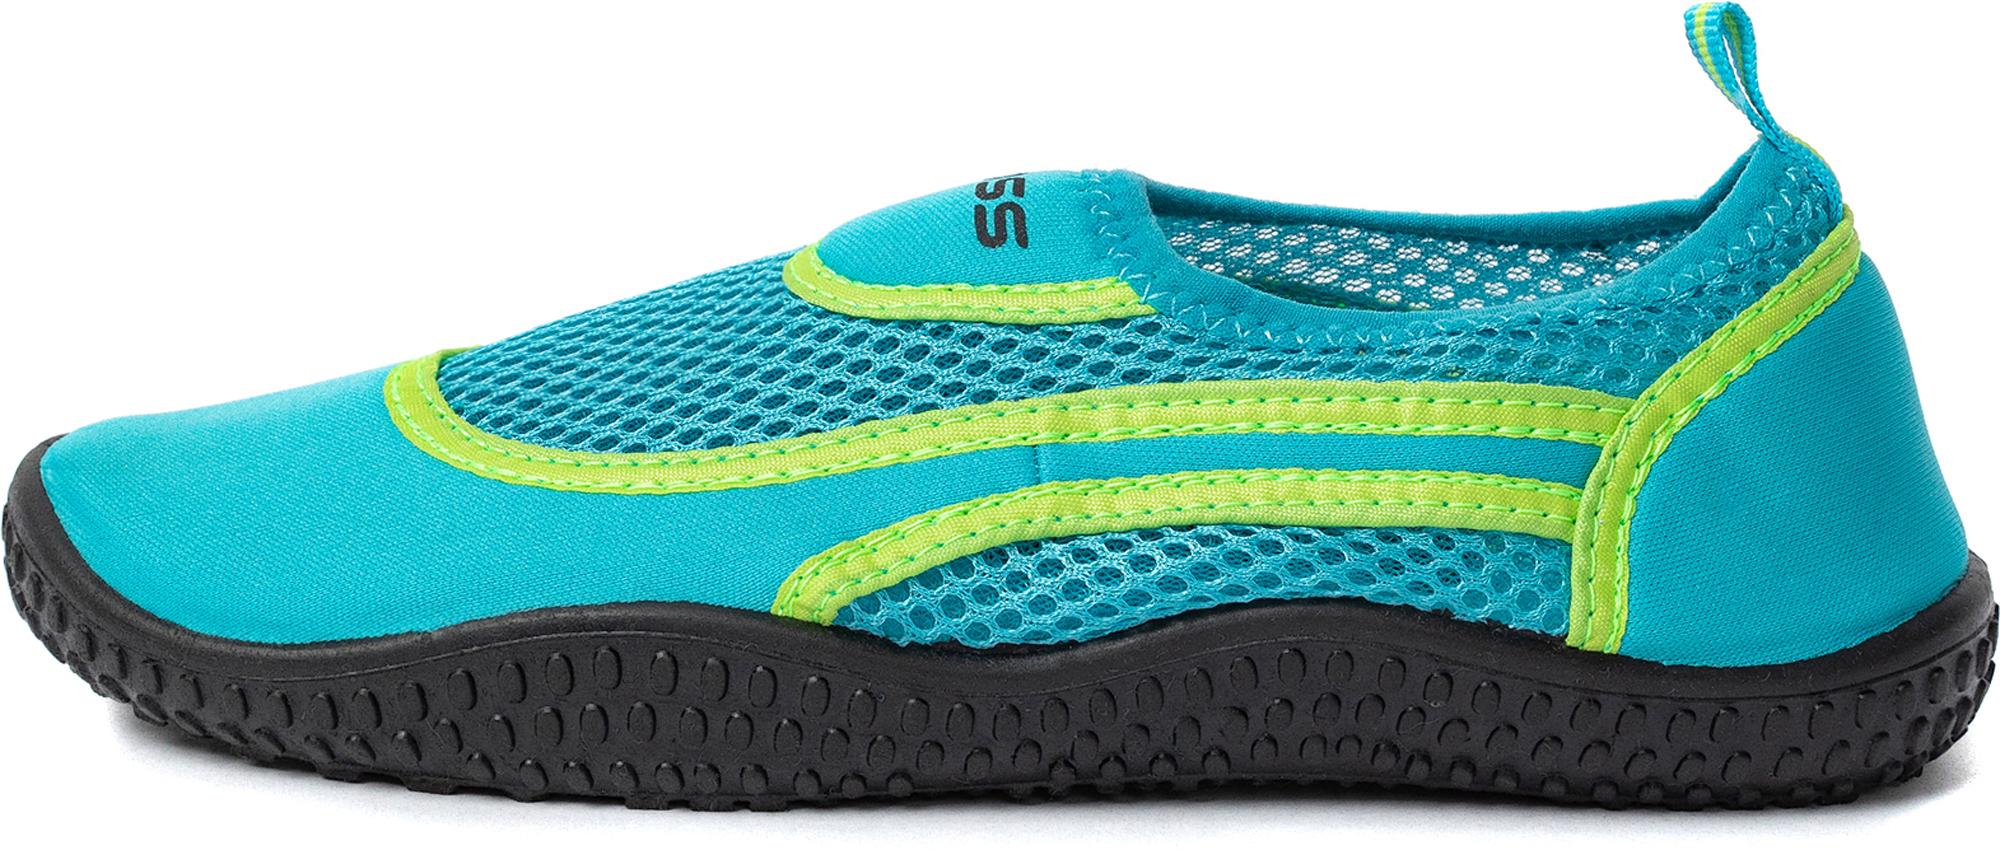 Joss Тапочки коралловые для мальчиков Aquashoes, размер 39